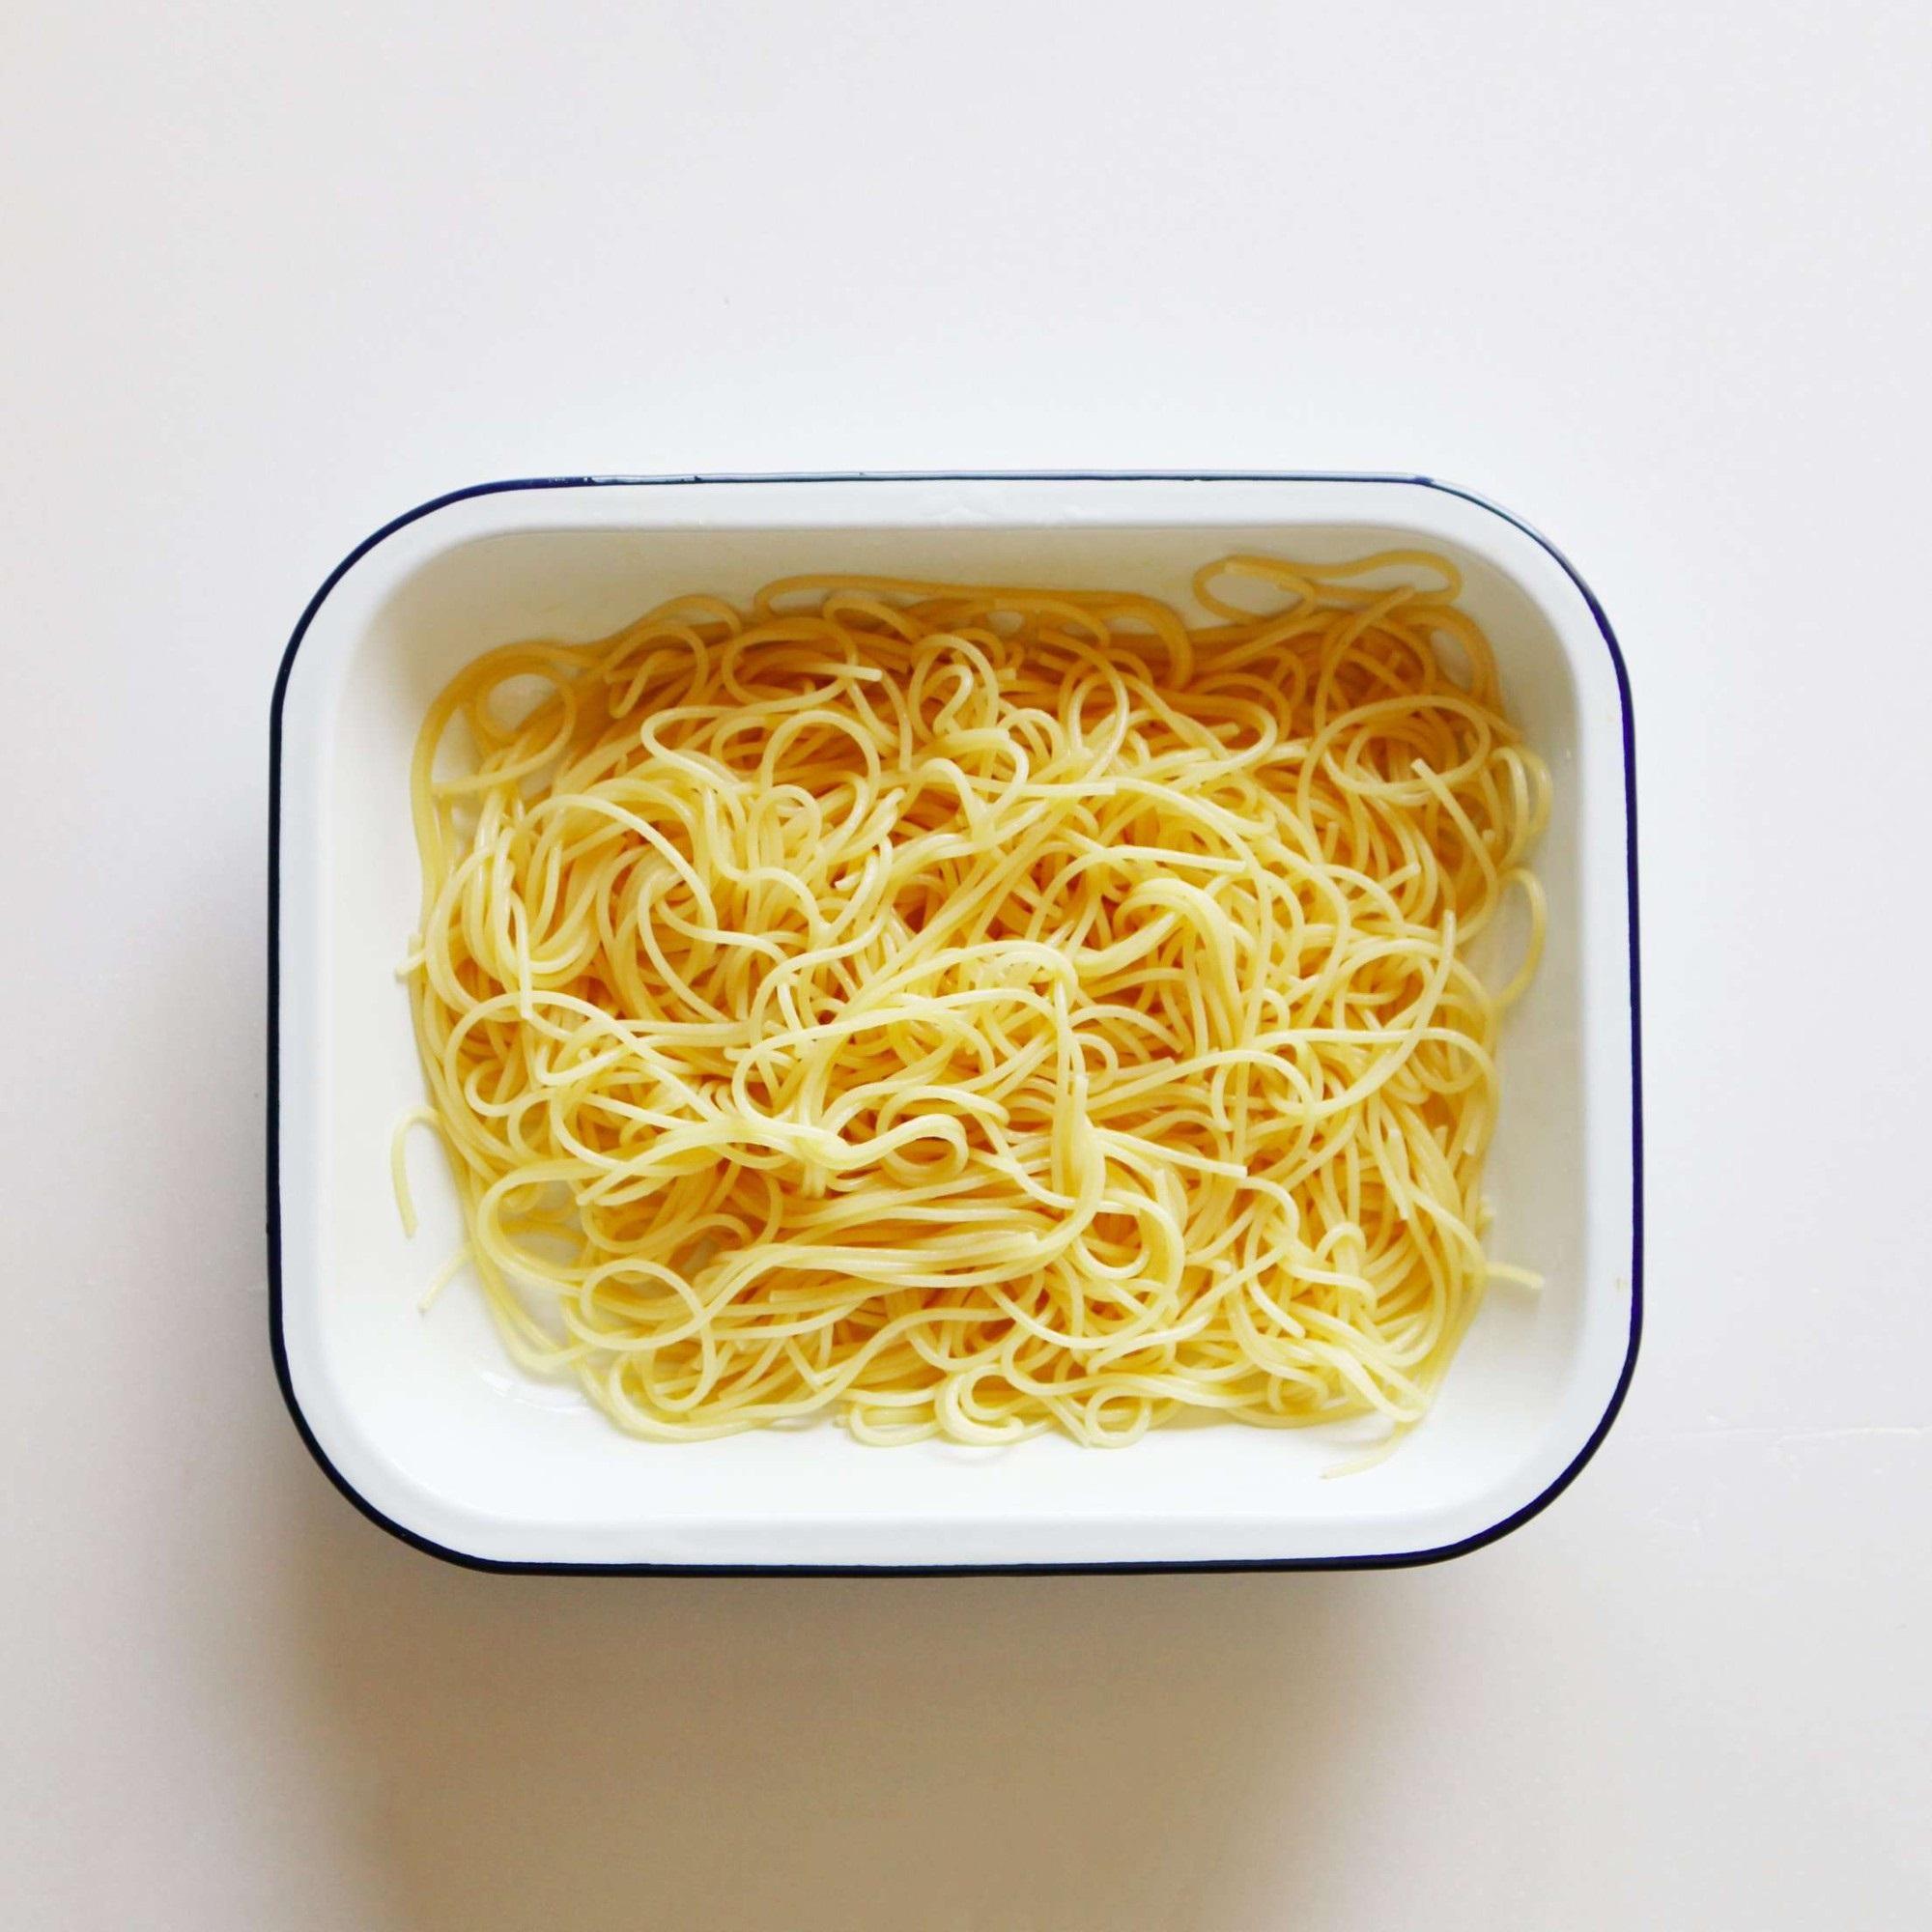 Món ngon cuối tuần: Mỳ Ý hải sản - Ảnh 2